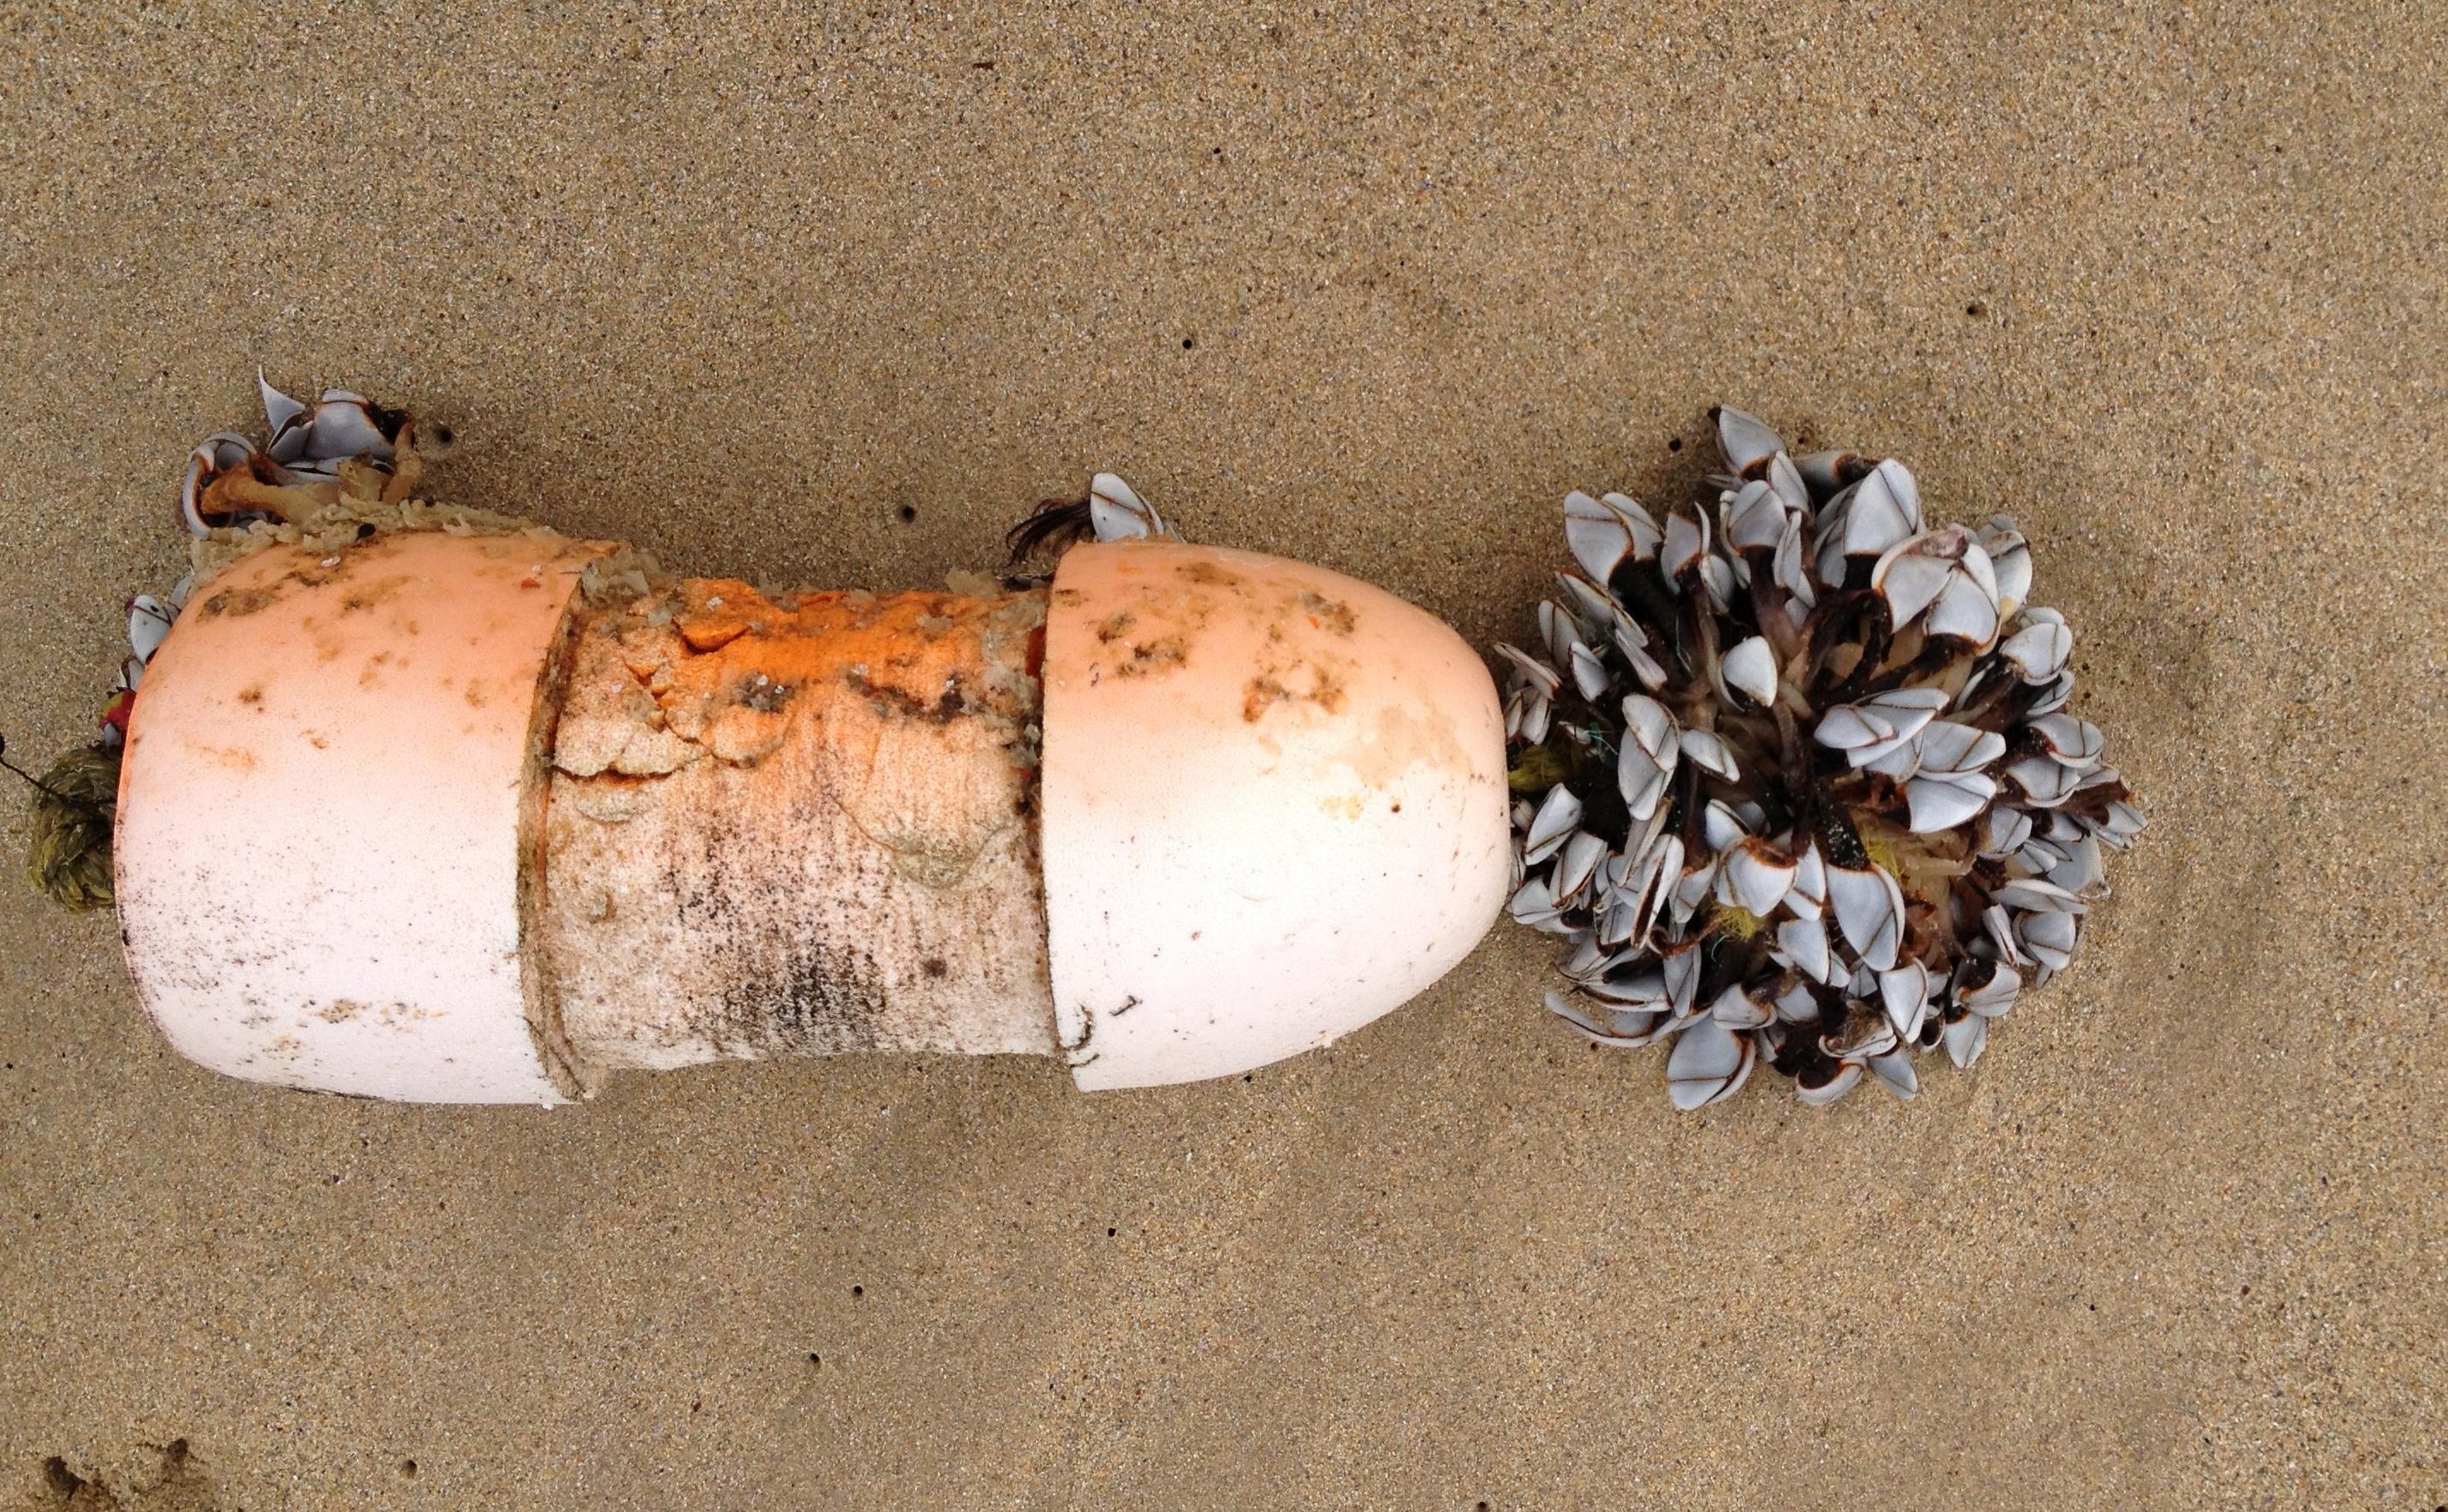 Lepas anatifera apegada a un lixo mariño flotante.